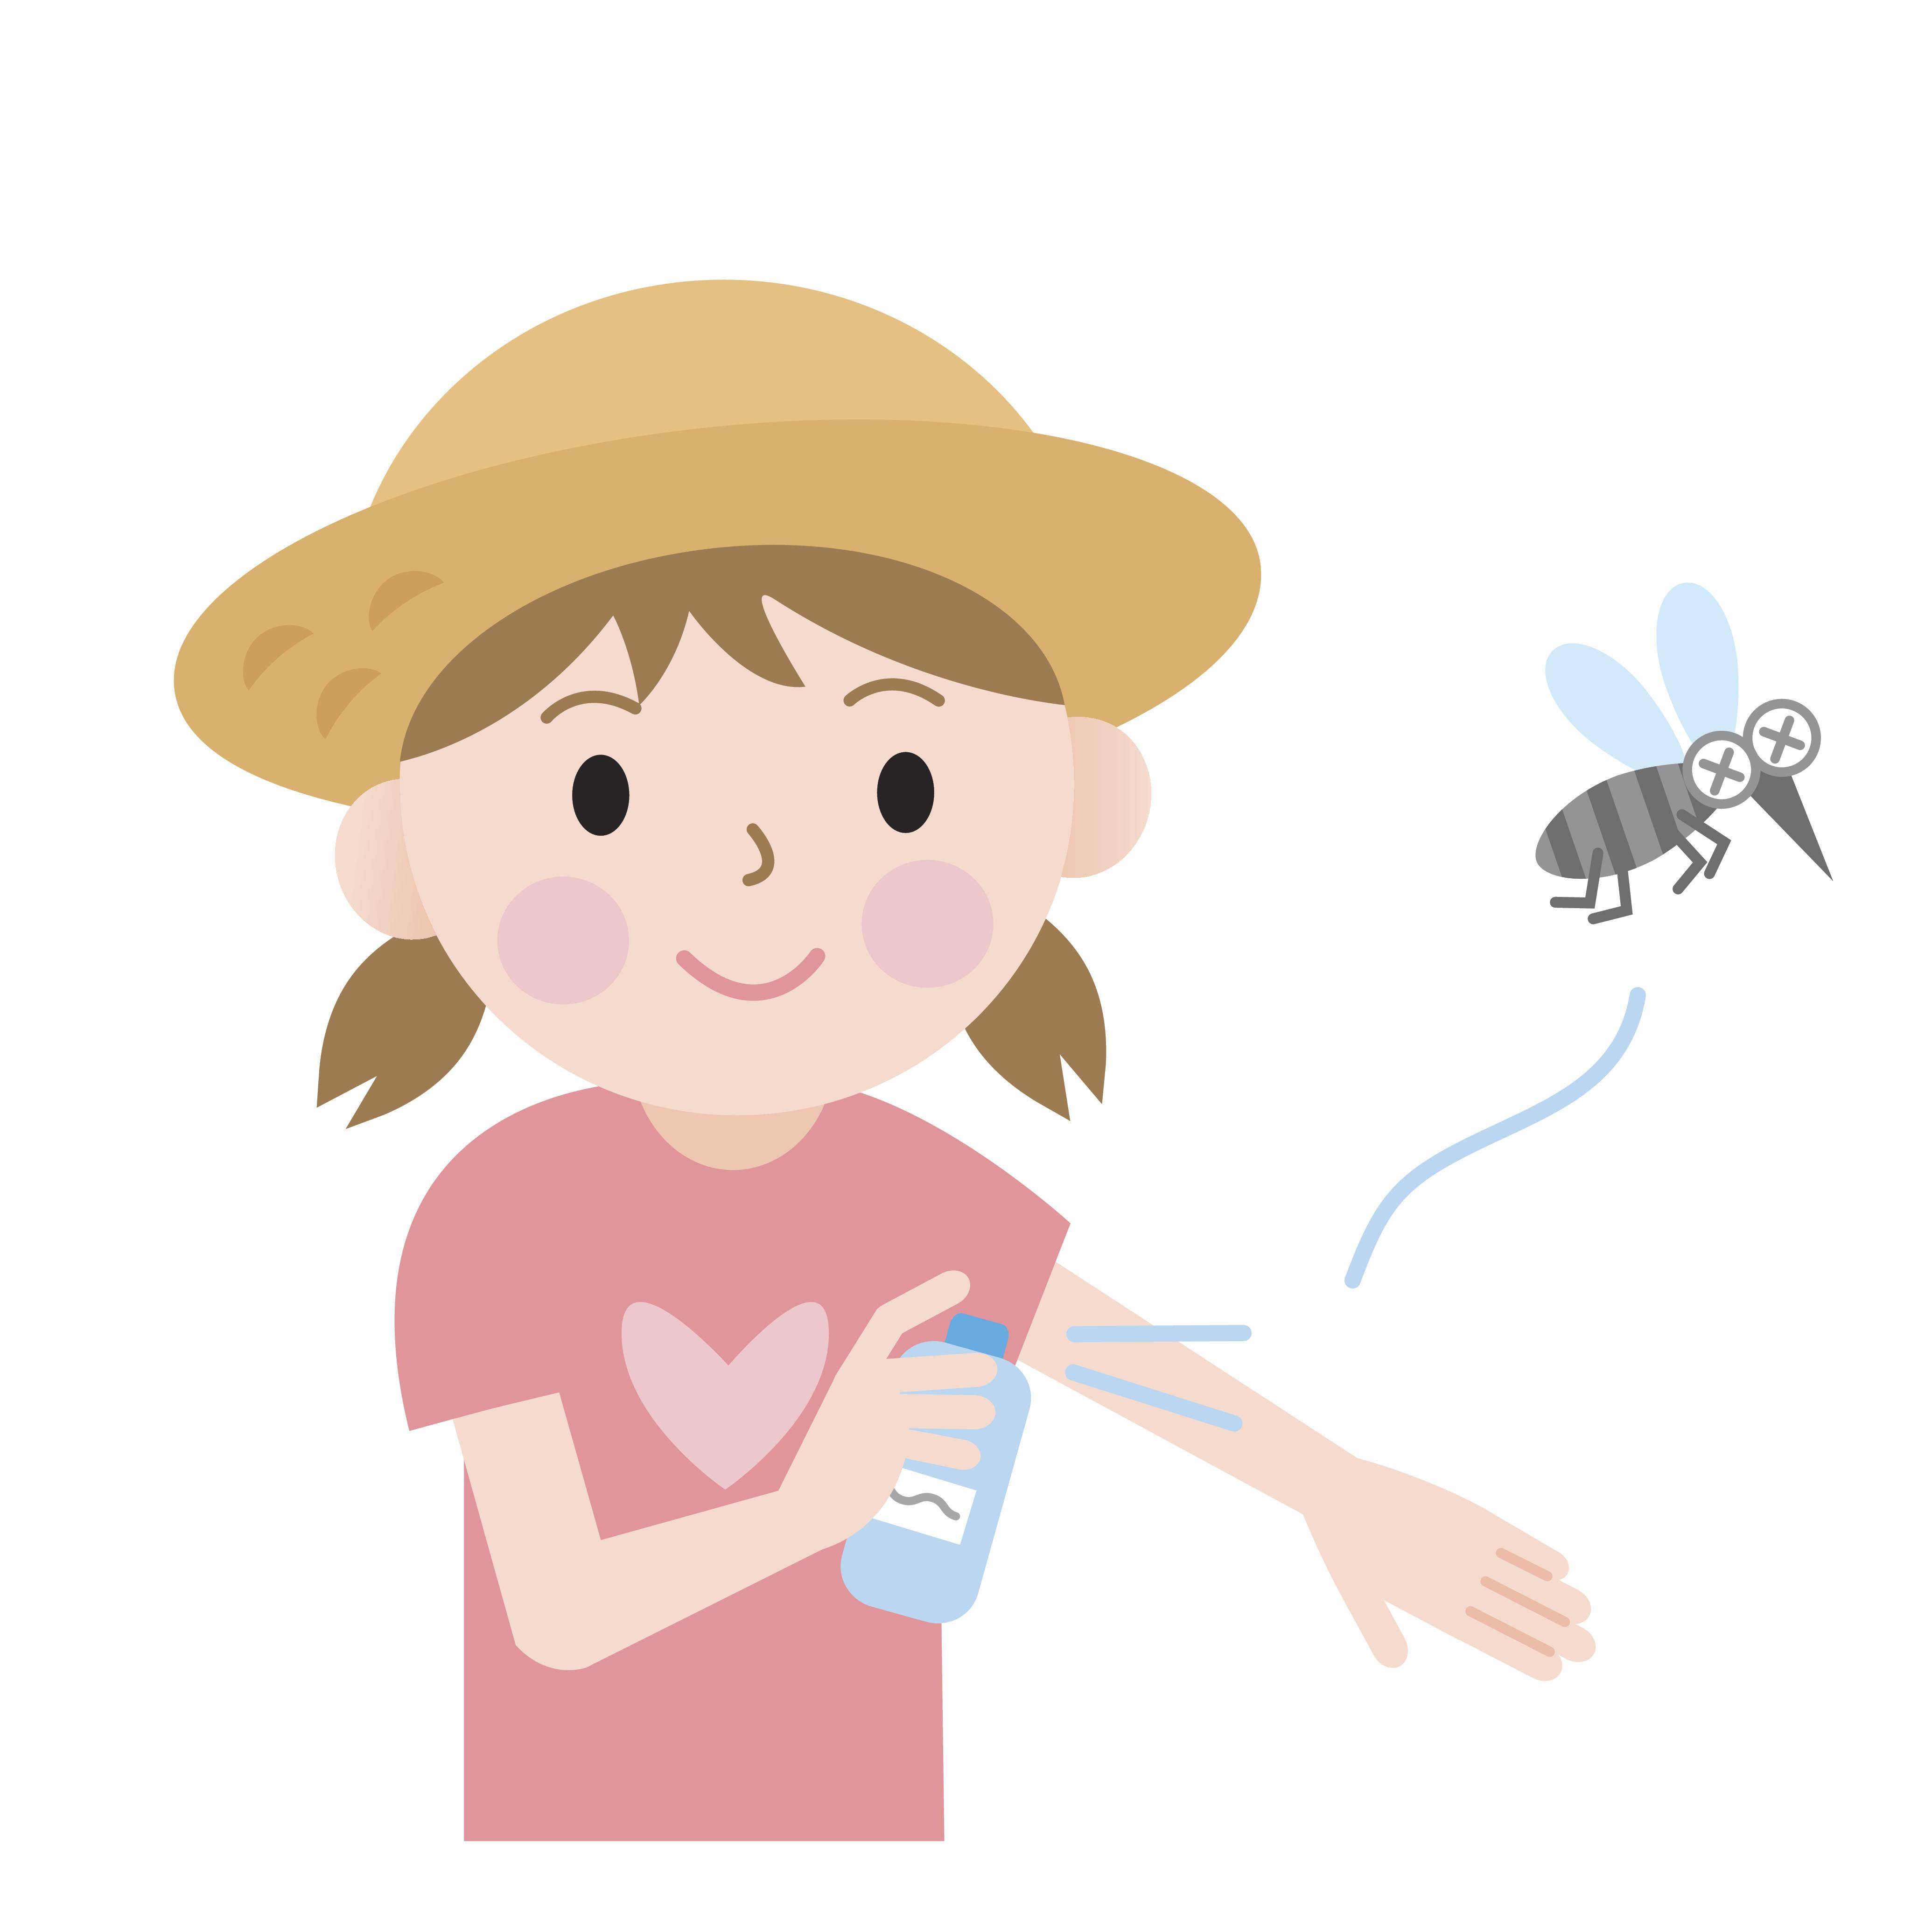 『How to 感染対策』に「蚊はかゆいだけじゃない!?」を掲載しました。